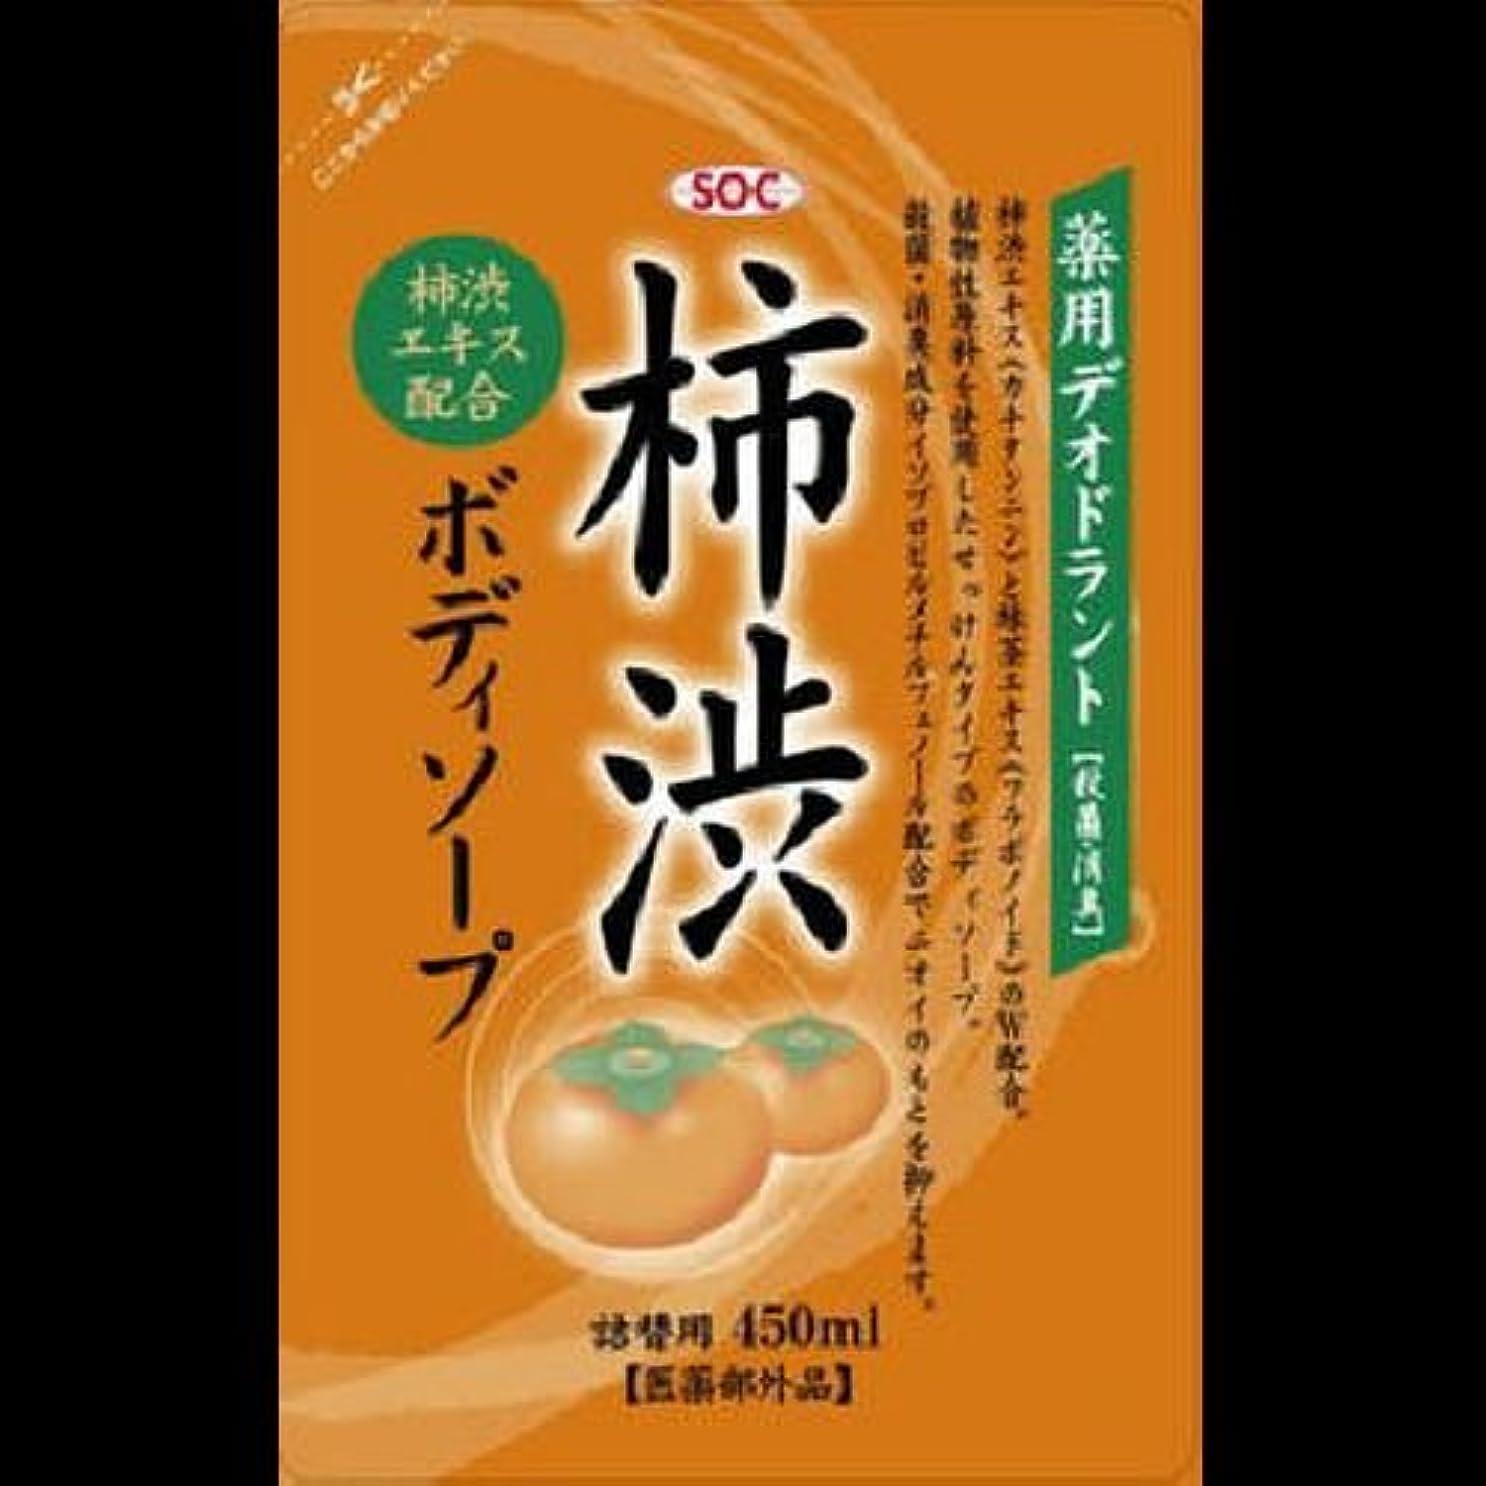 申請中キャプチャー恥ずかしいSOC 薬用柿渋ボディソープ 詰替 450ml ×2セット